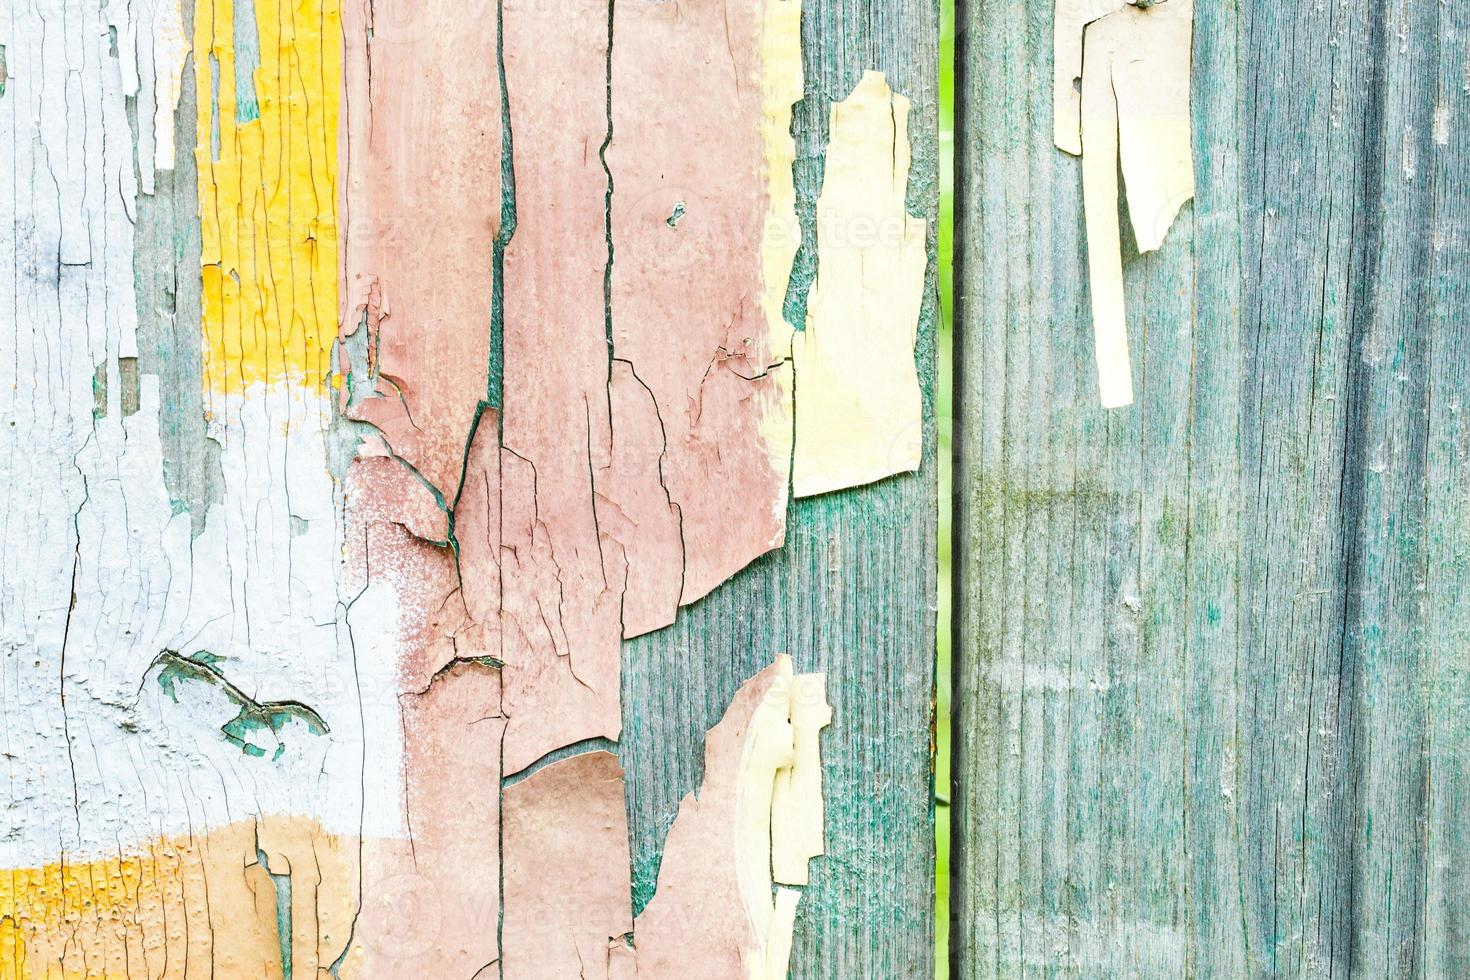 texture de panneaux de bois grunge photo